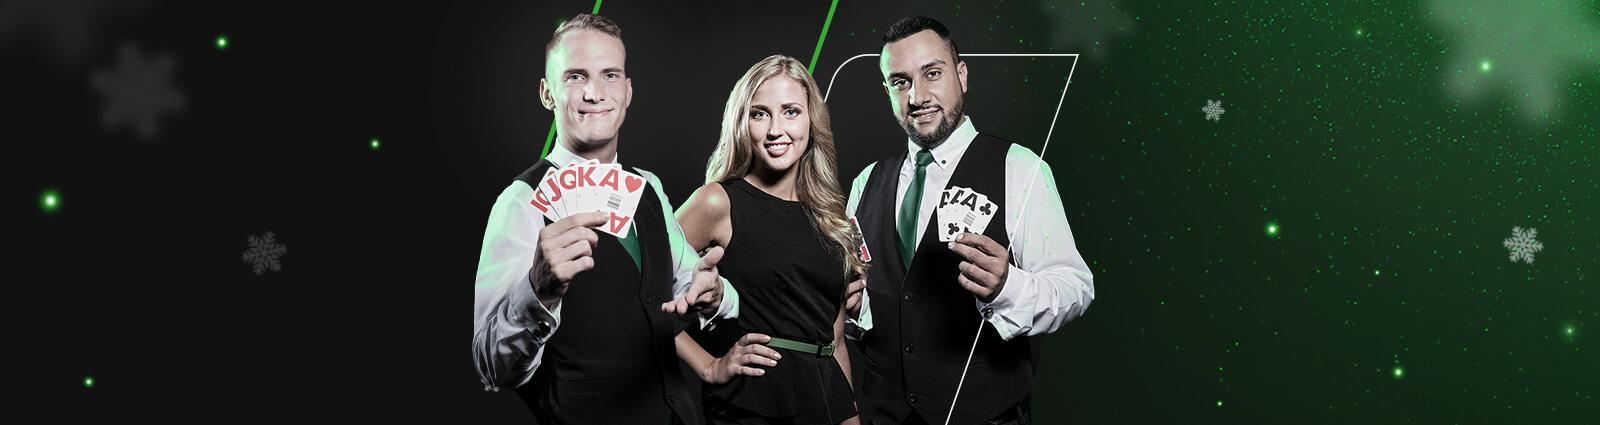 Turneu live casino final – Pot de 250.000 RON la Unibet